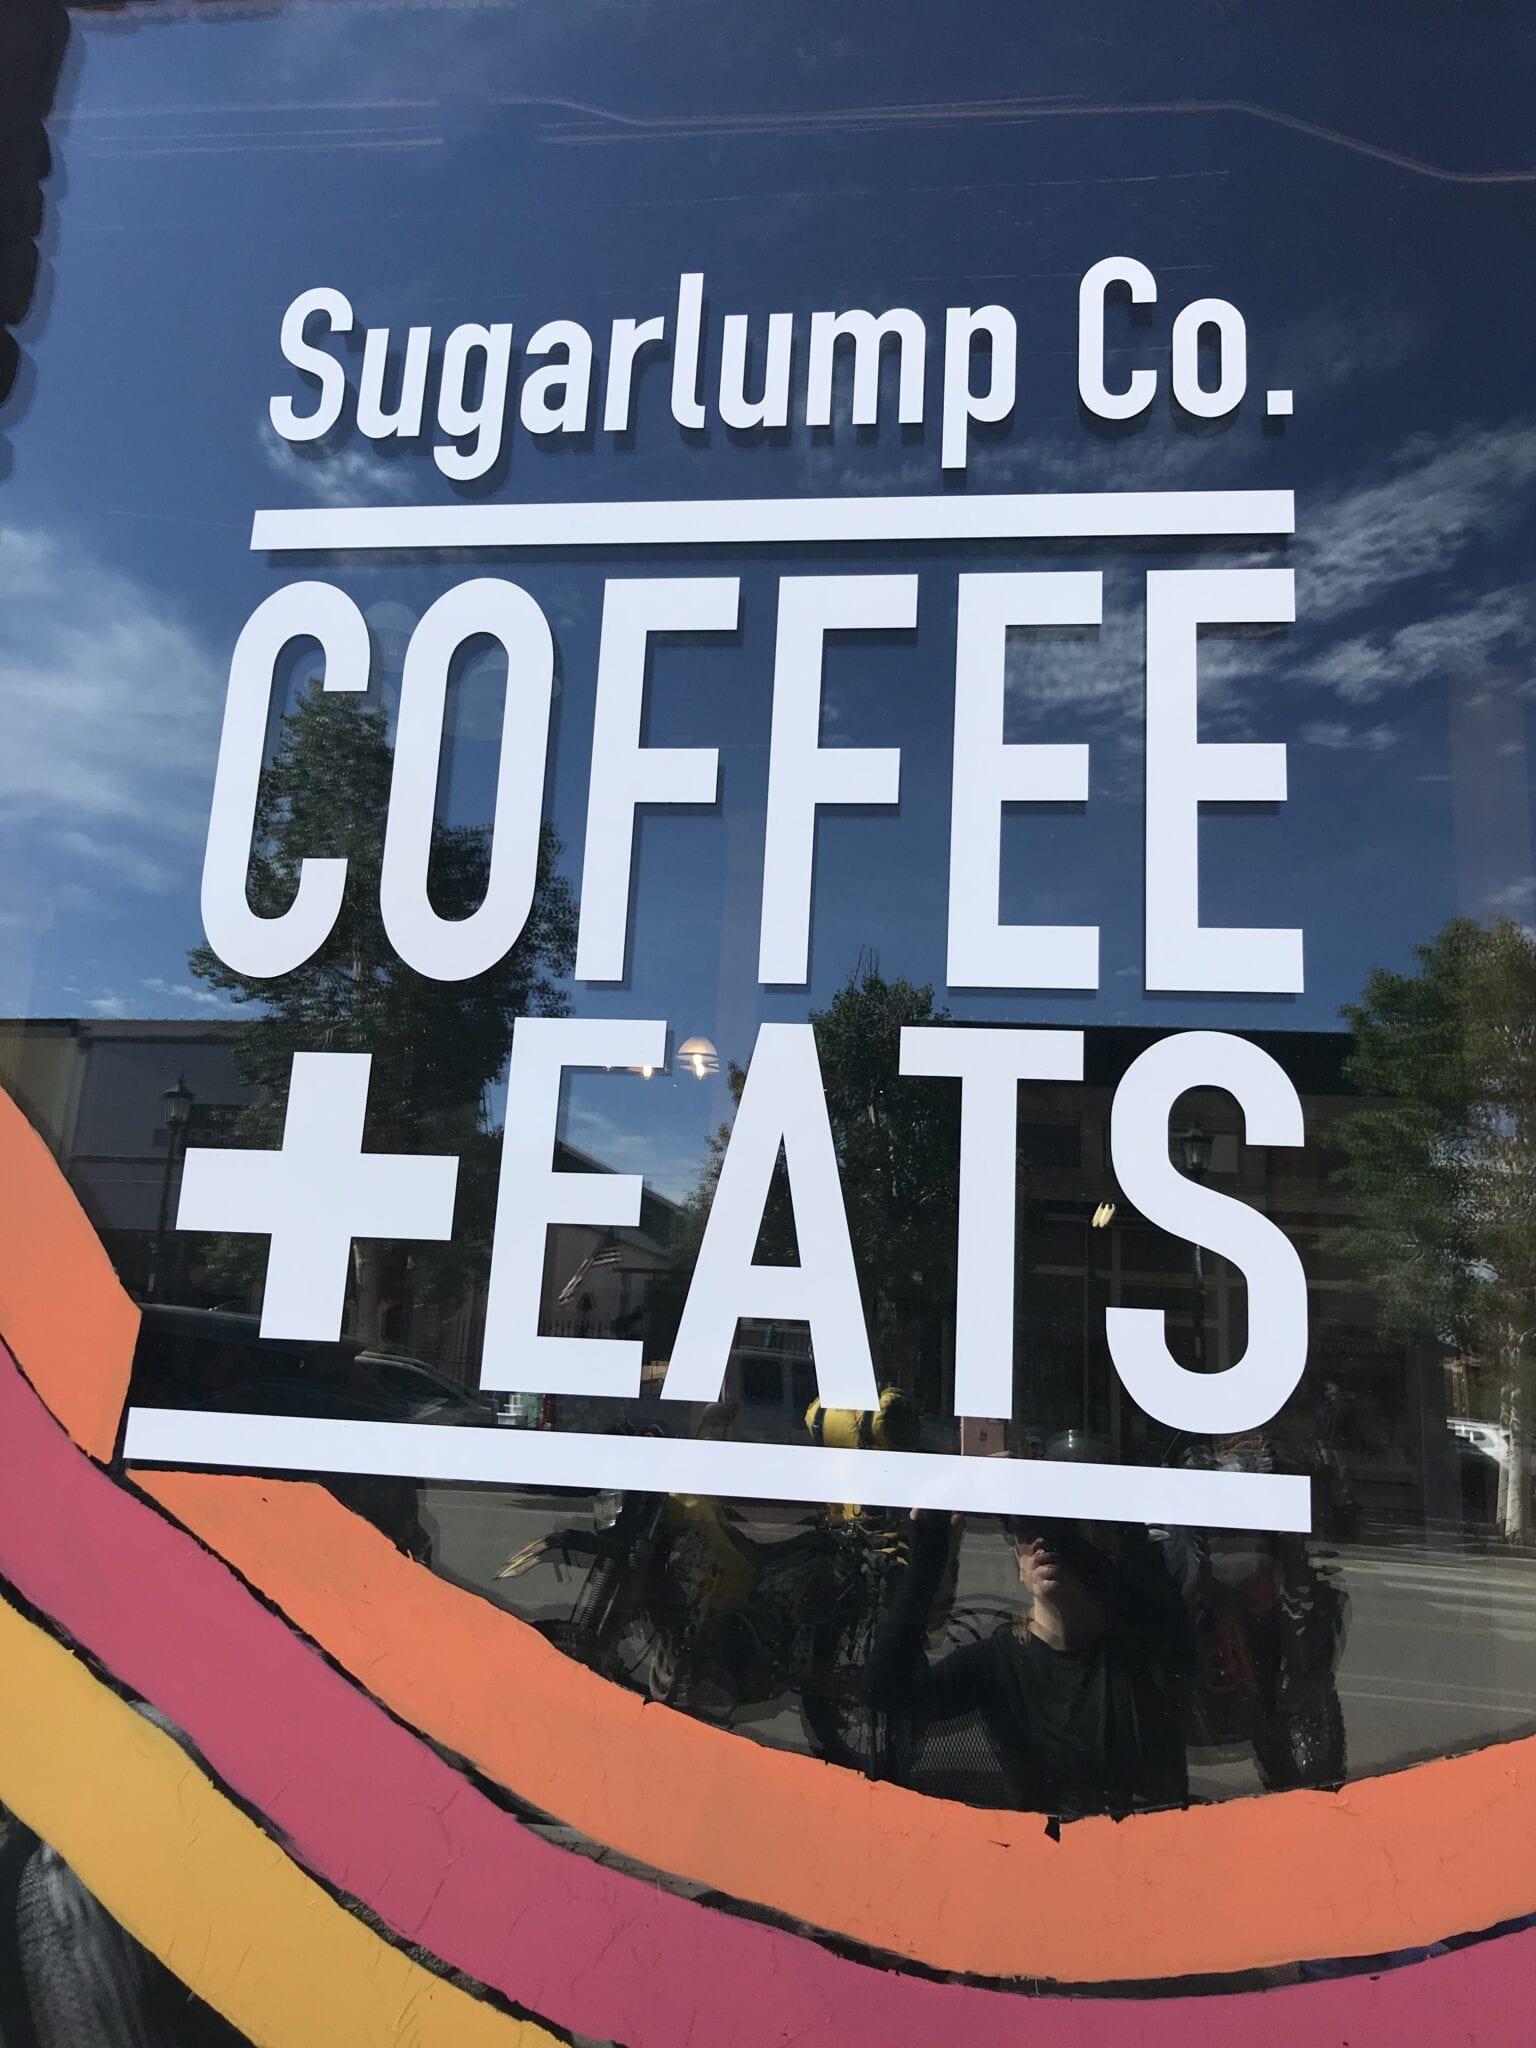 sugarlump coffe westcliffe